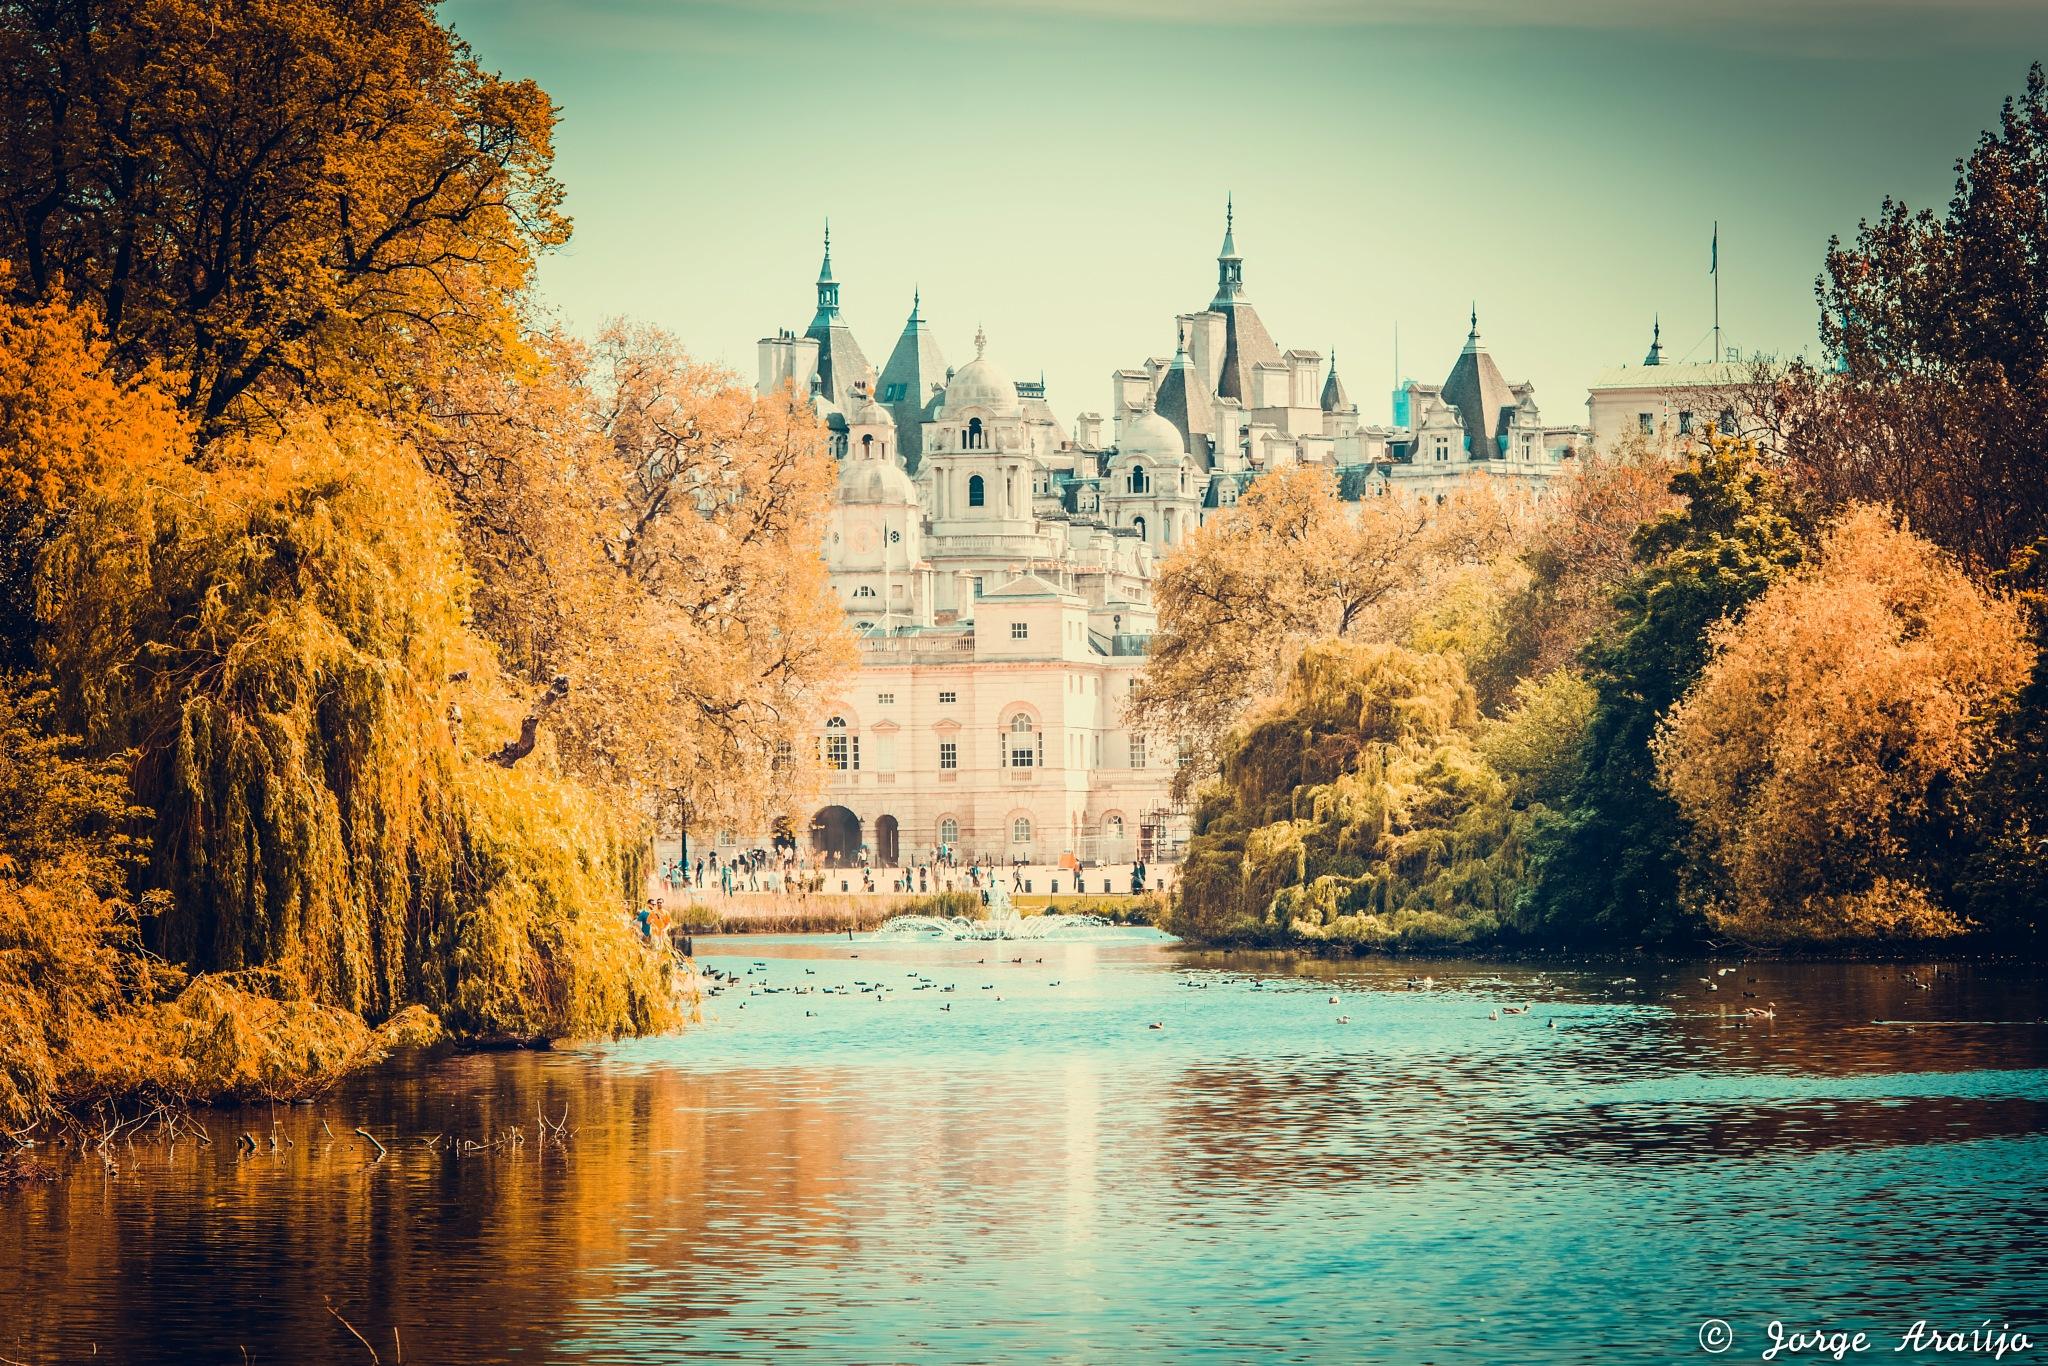 Autumn colors by Jorge Araújo